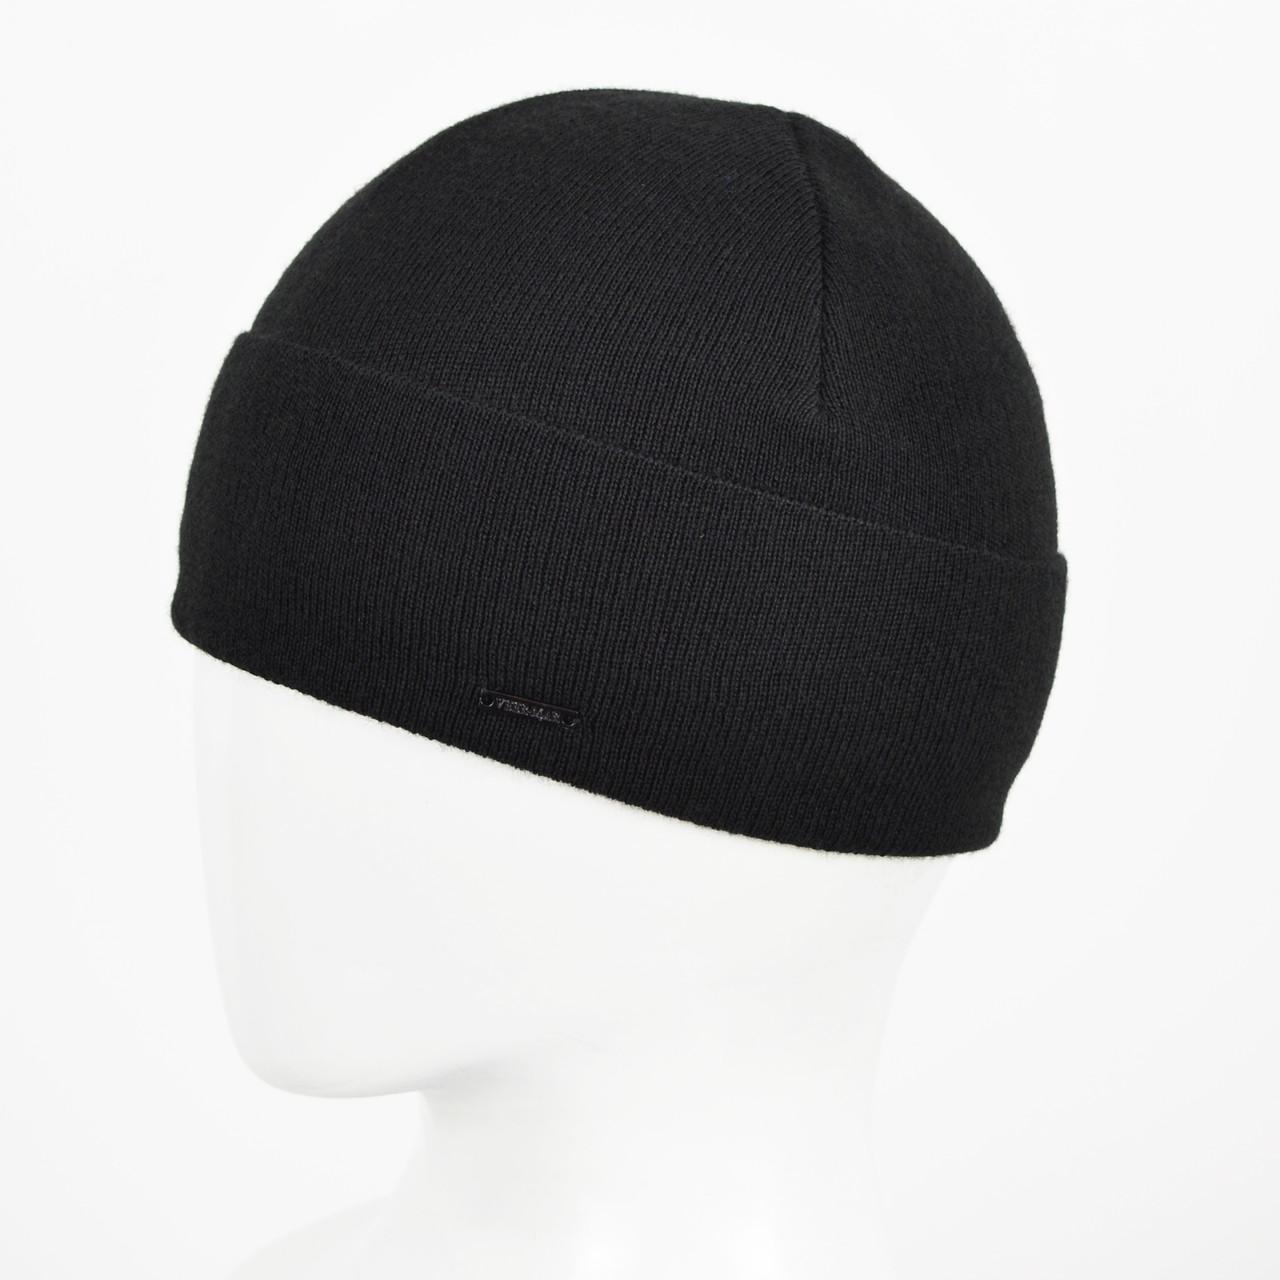 Мужская Шерстяная шапка Veer-Mar. № 468 Черный